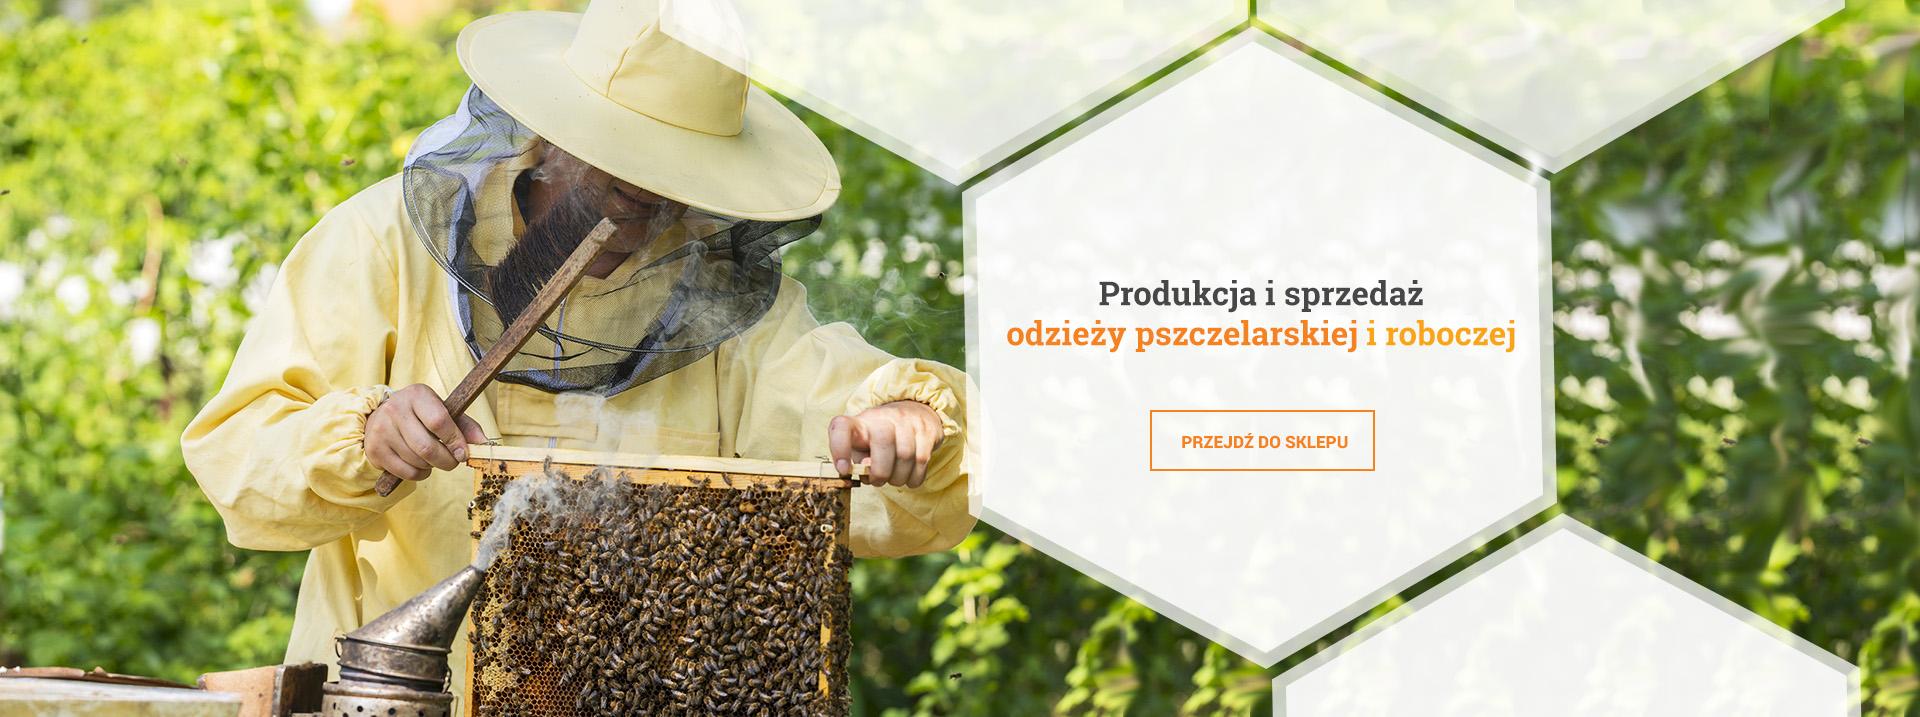 Produkcja i Sprzedaż Odzieży Pszczelarskiej